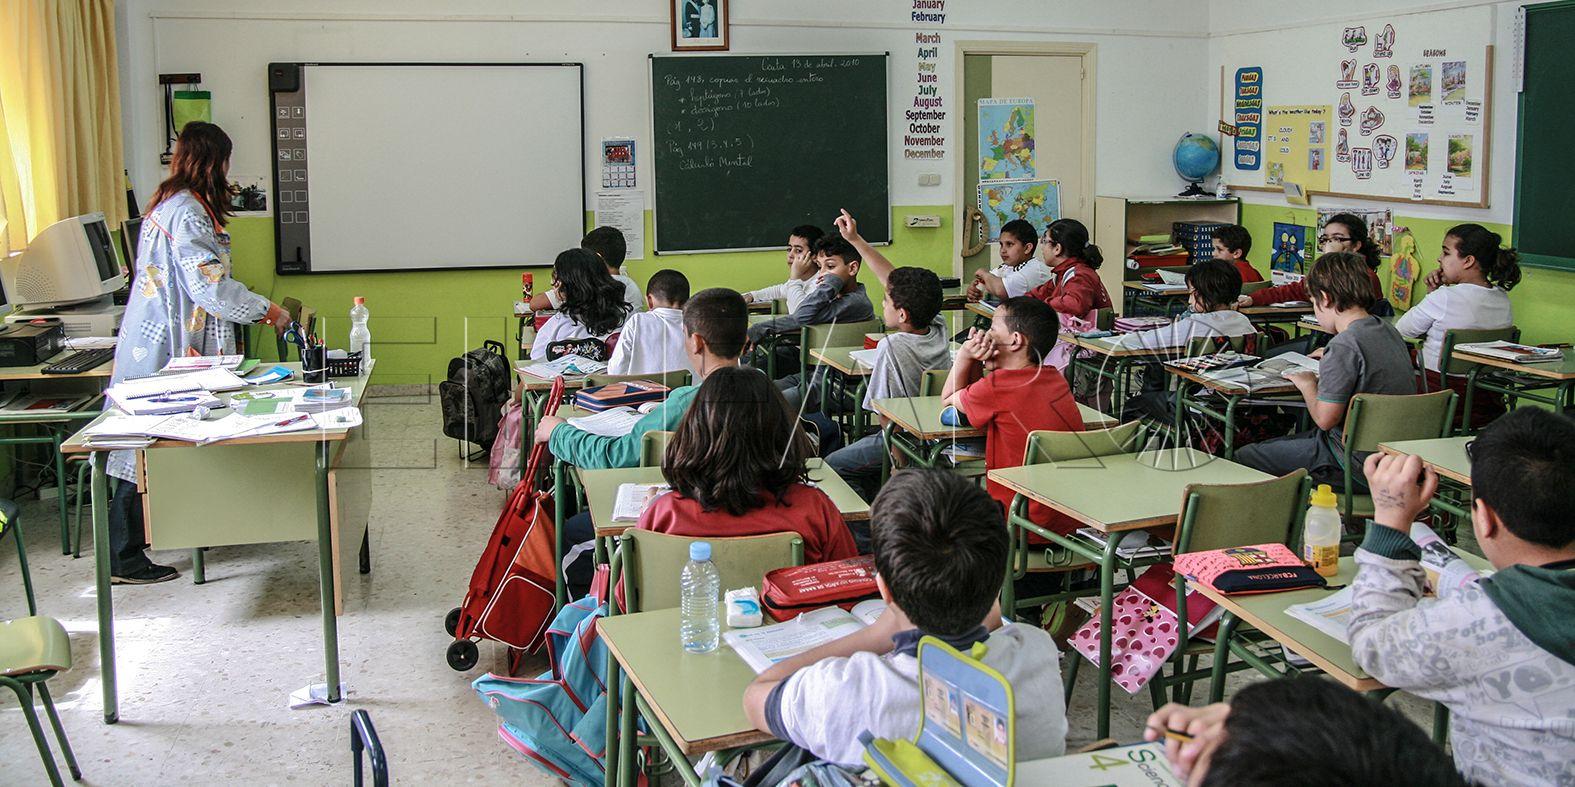 El cupo docente aumenta por tercer año consecutivo hasta 1.292,5 maestros y profesores